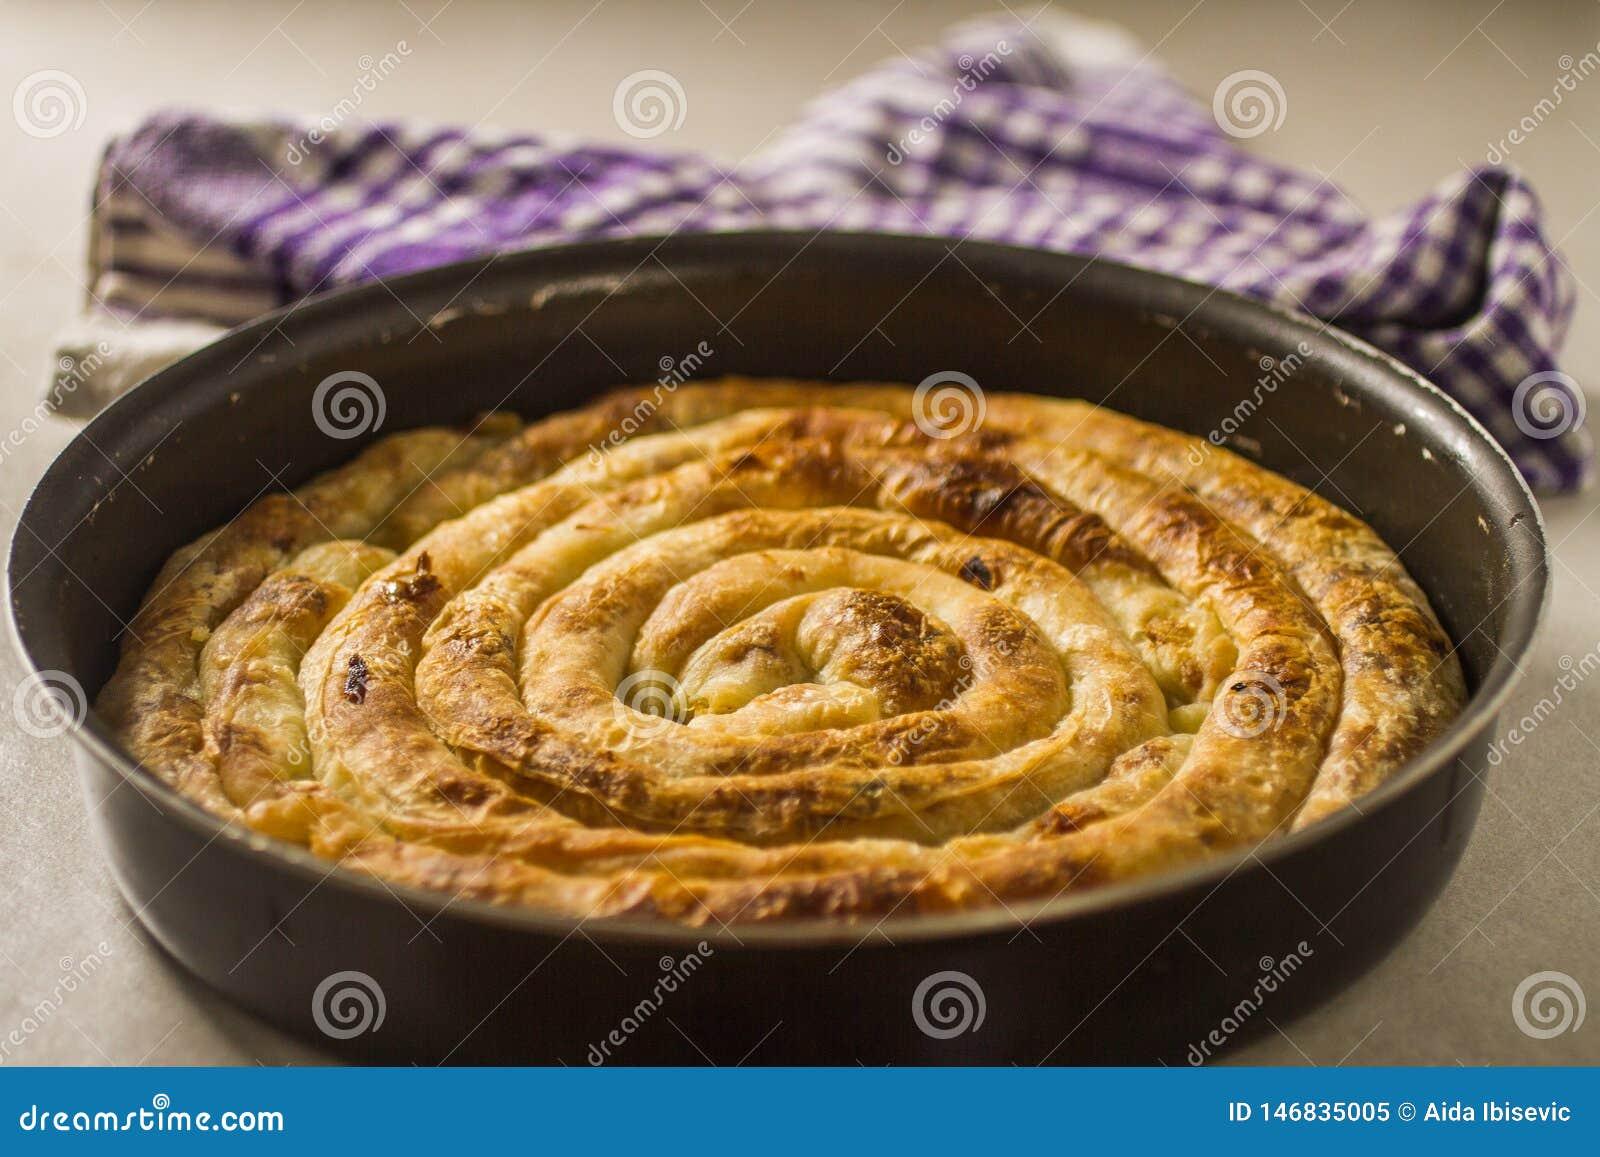 Balkan-Torte Burek frisch aus dem Ofen in rundem Pan heraus